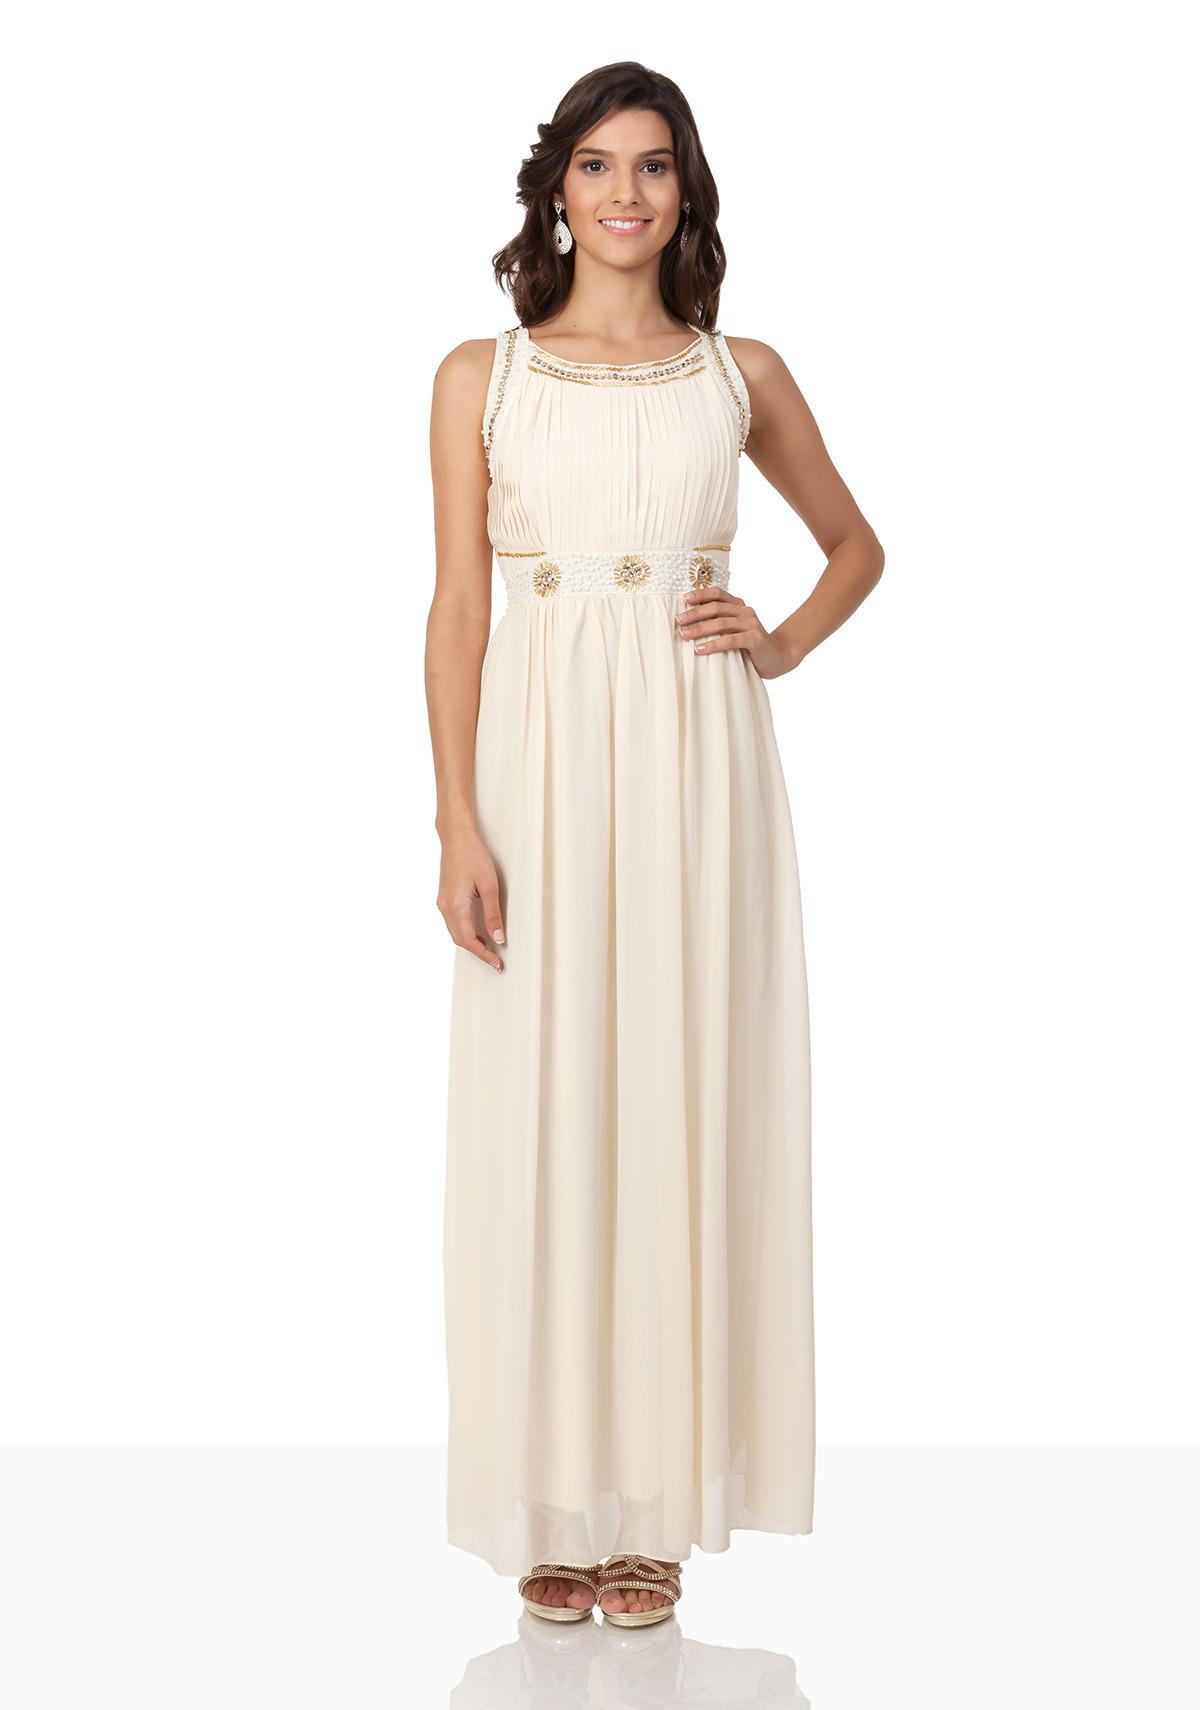 13 Coolste Abendkleid Beige SpezialgebietDesigner Einfach Abendkleid Beige Ärmel